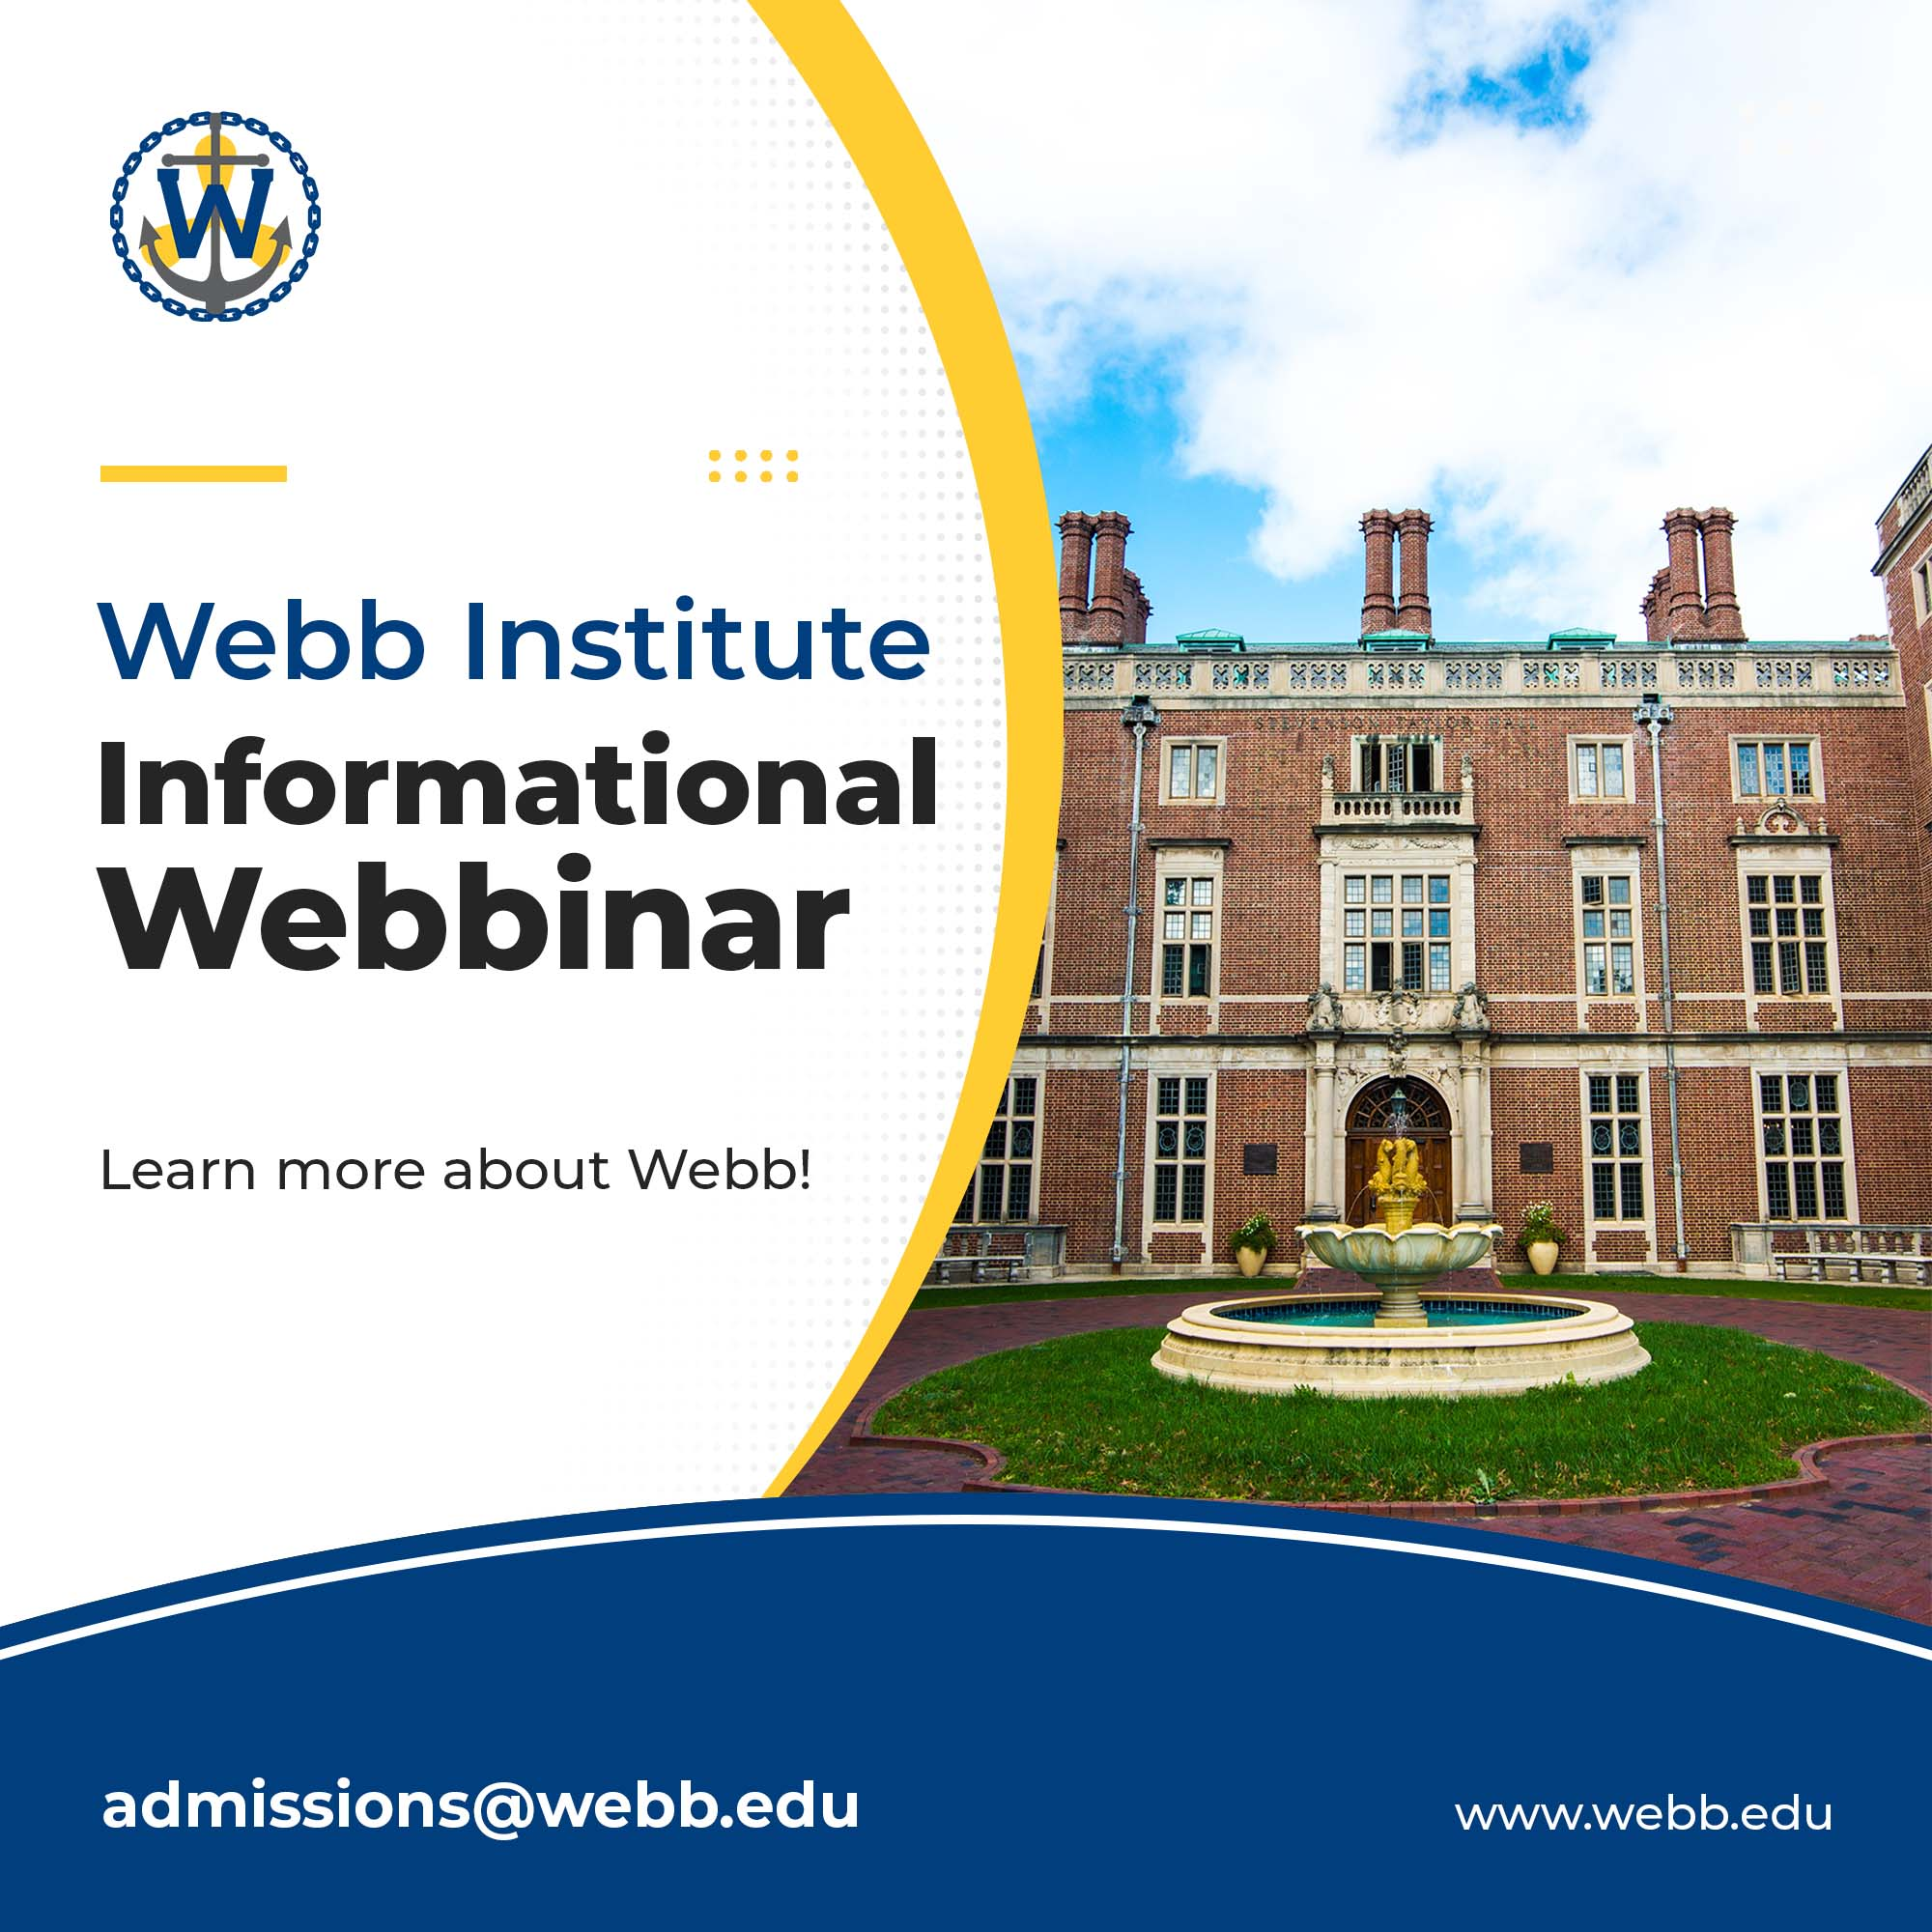 Informational WEBBinar at Webb Institute